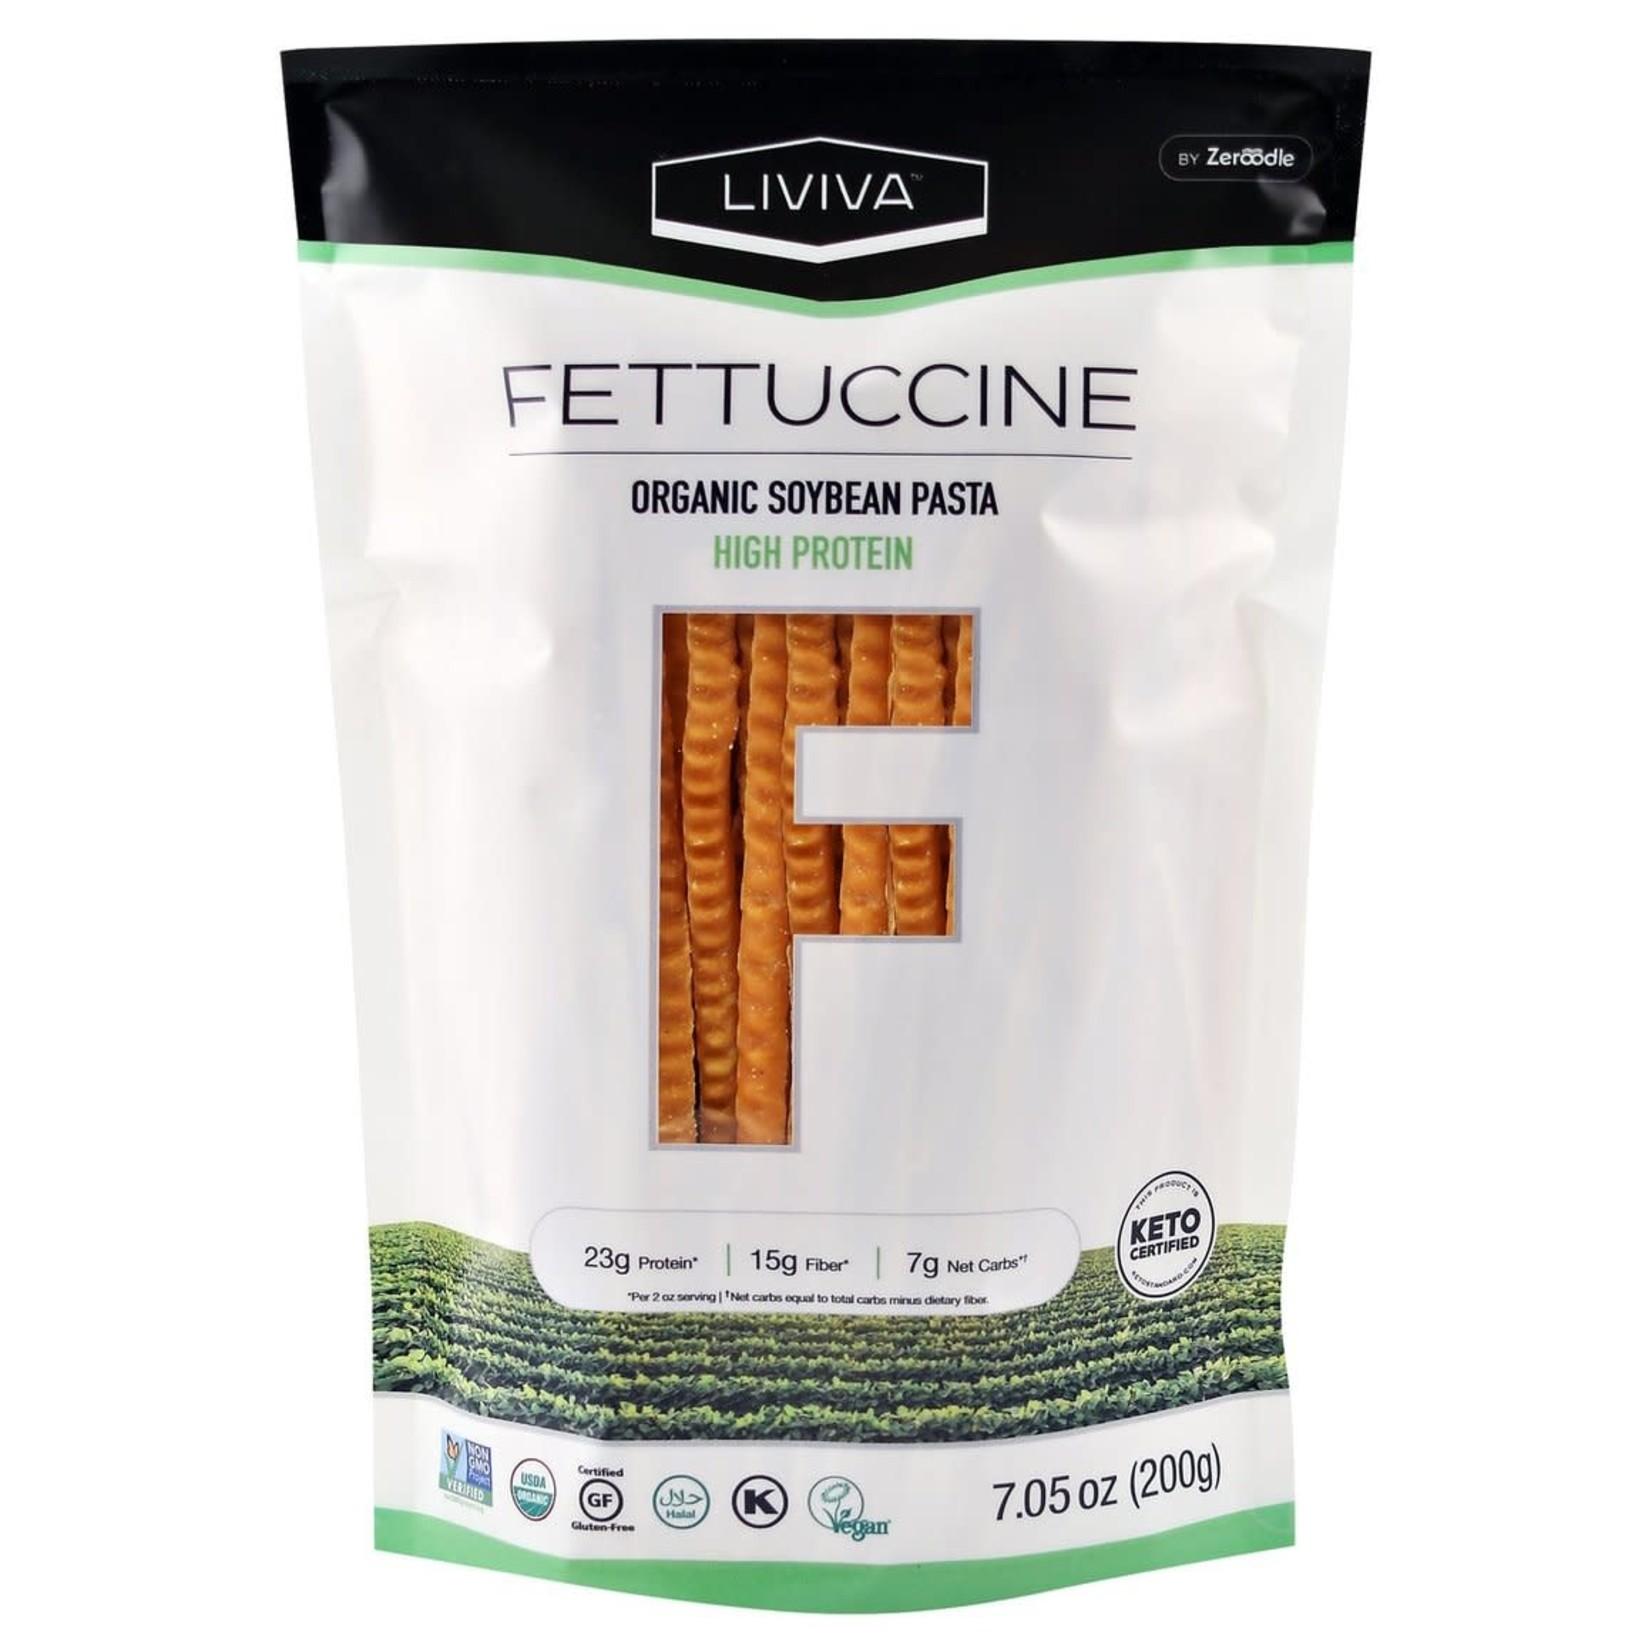 Liviva Liviva Soy Bean Fettuccine